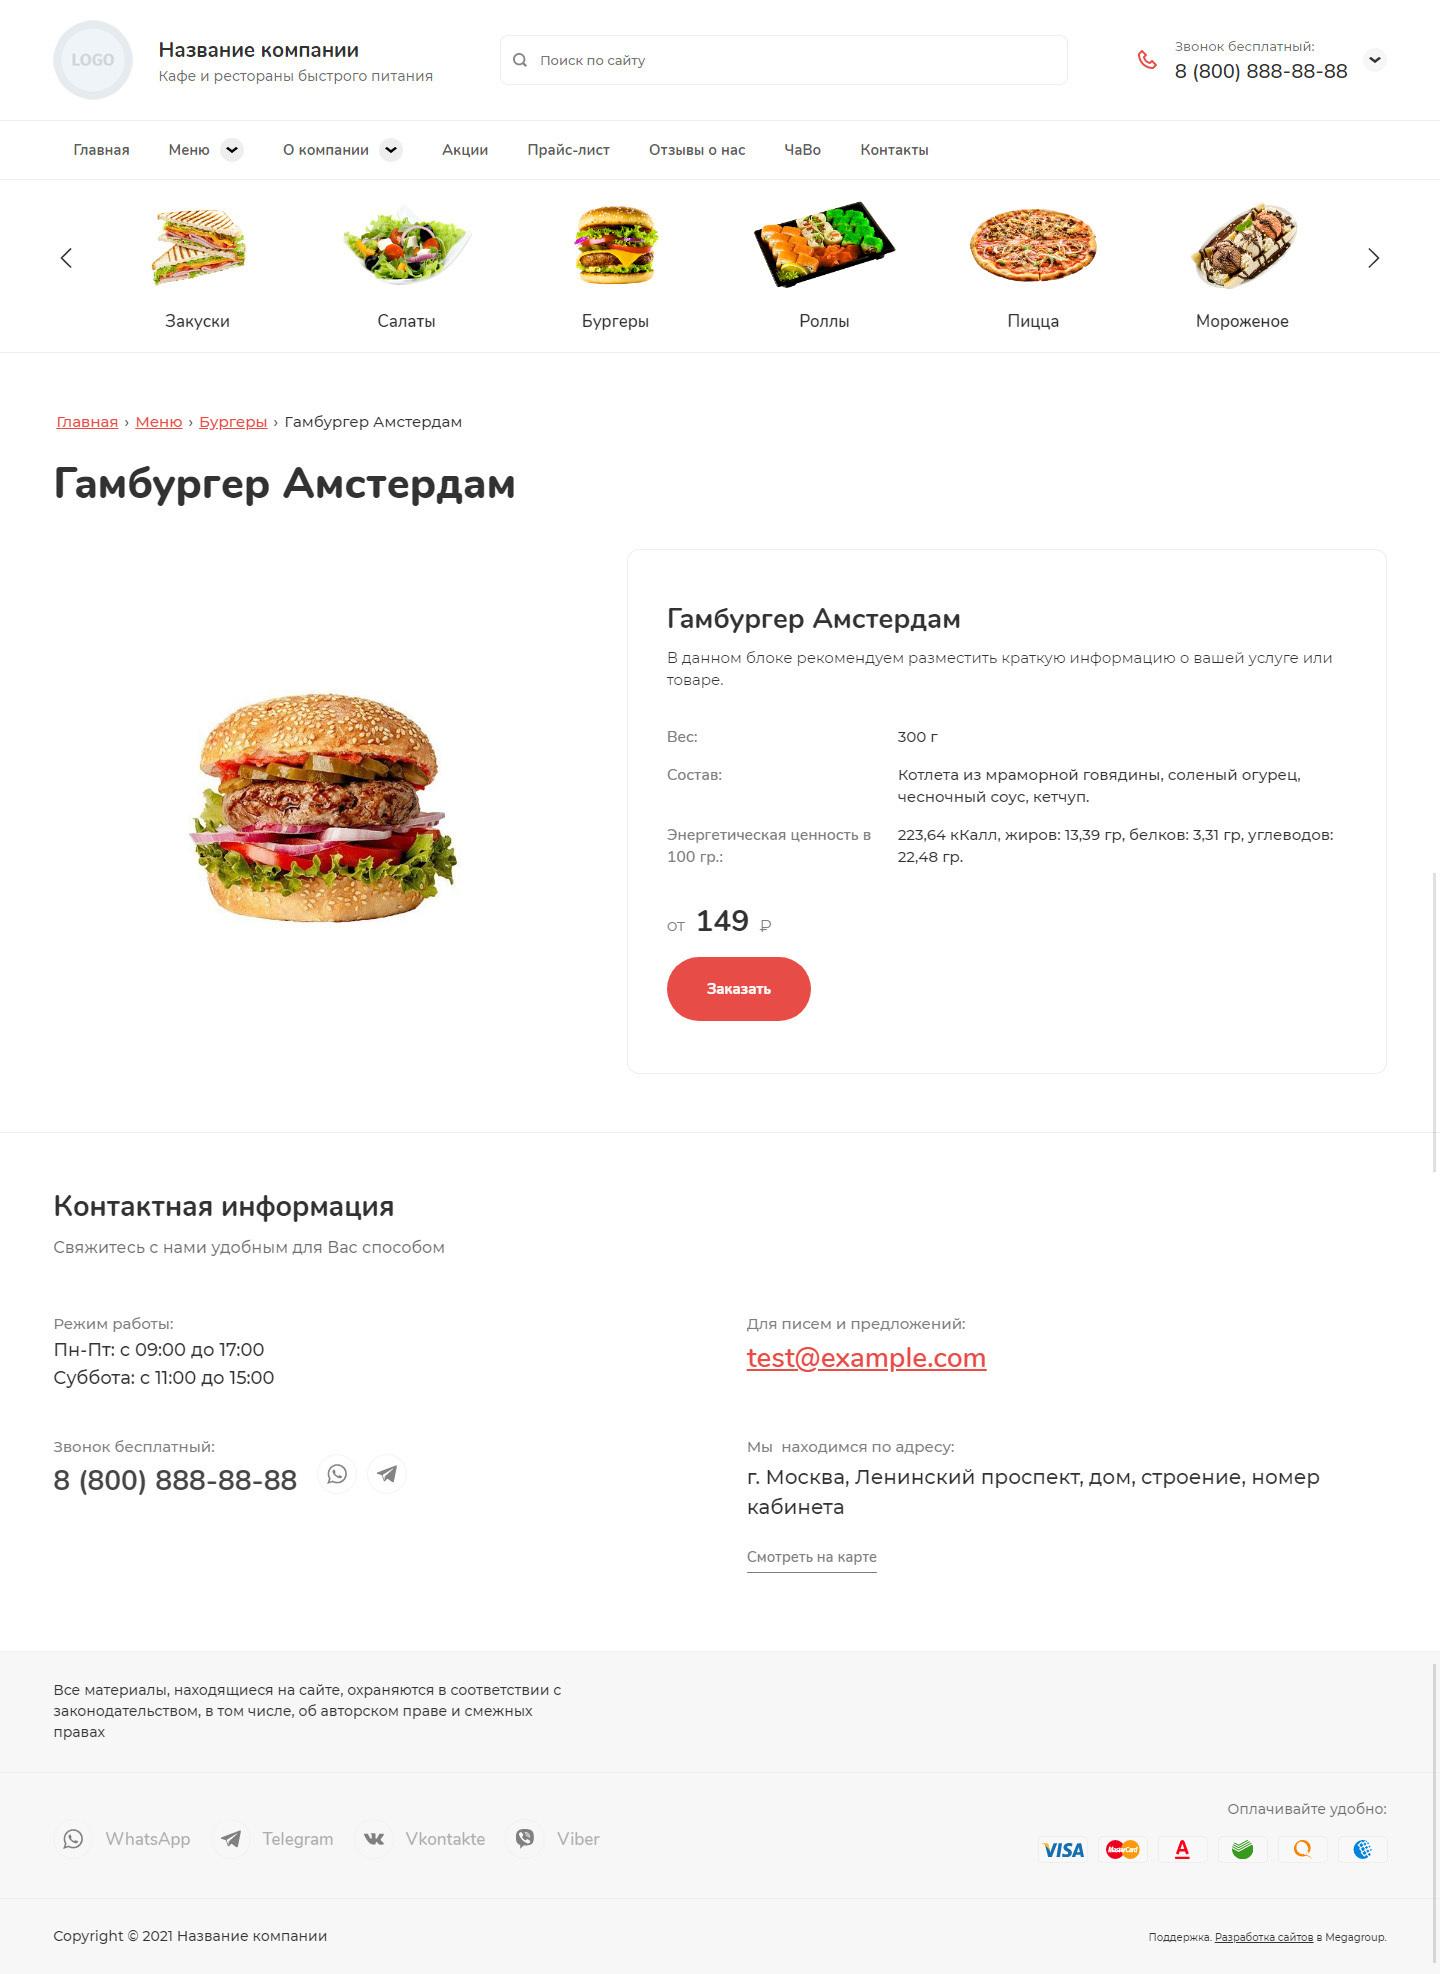 Готовый Сайт-Бизнес #3044862 - Кафе и рестораны быстрого питания (Описание товара)